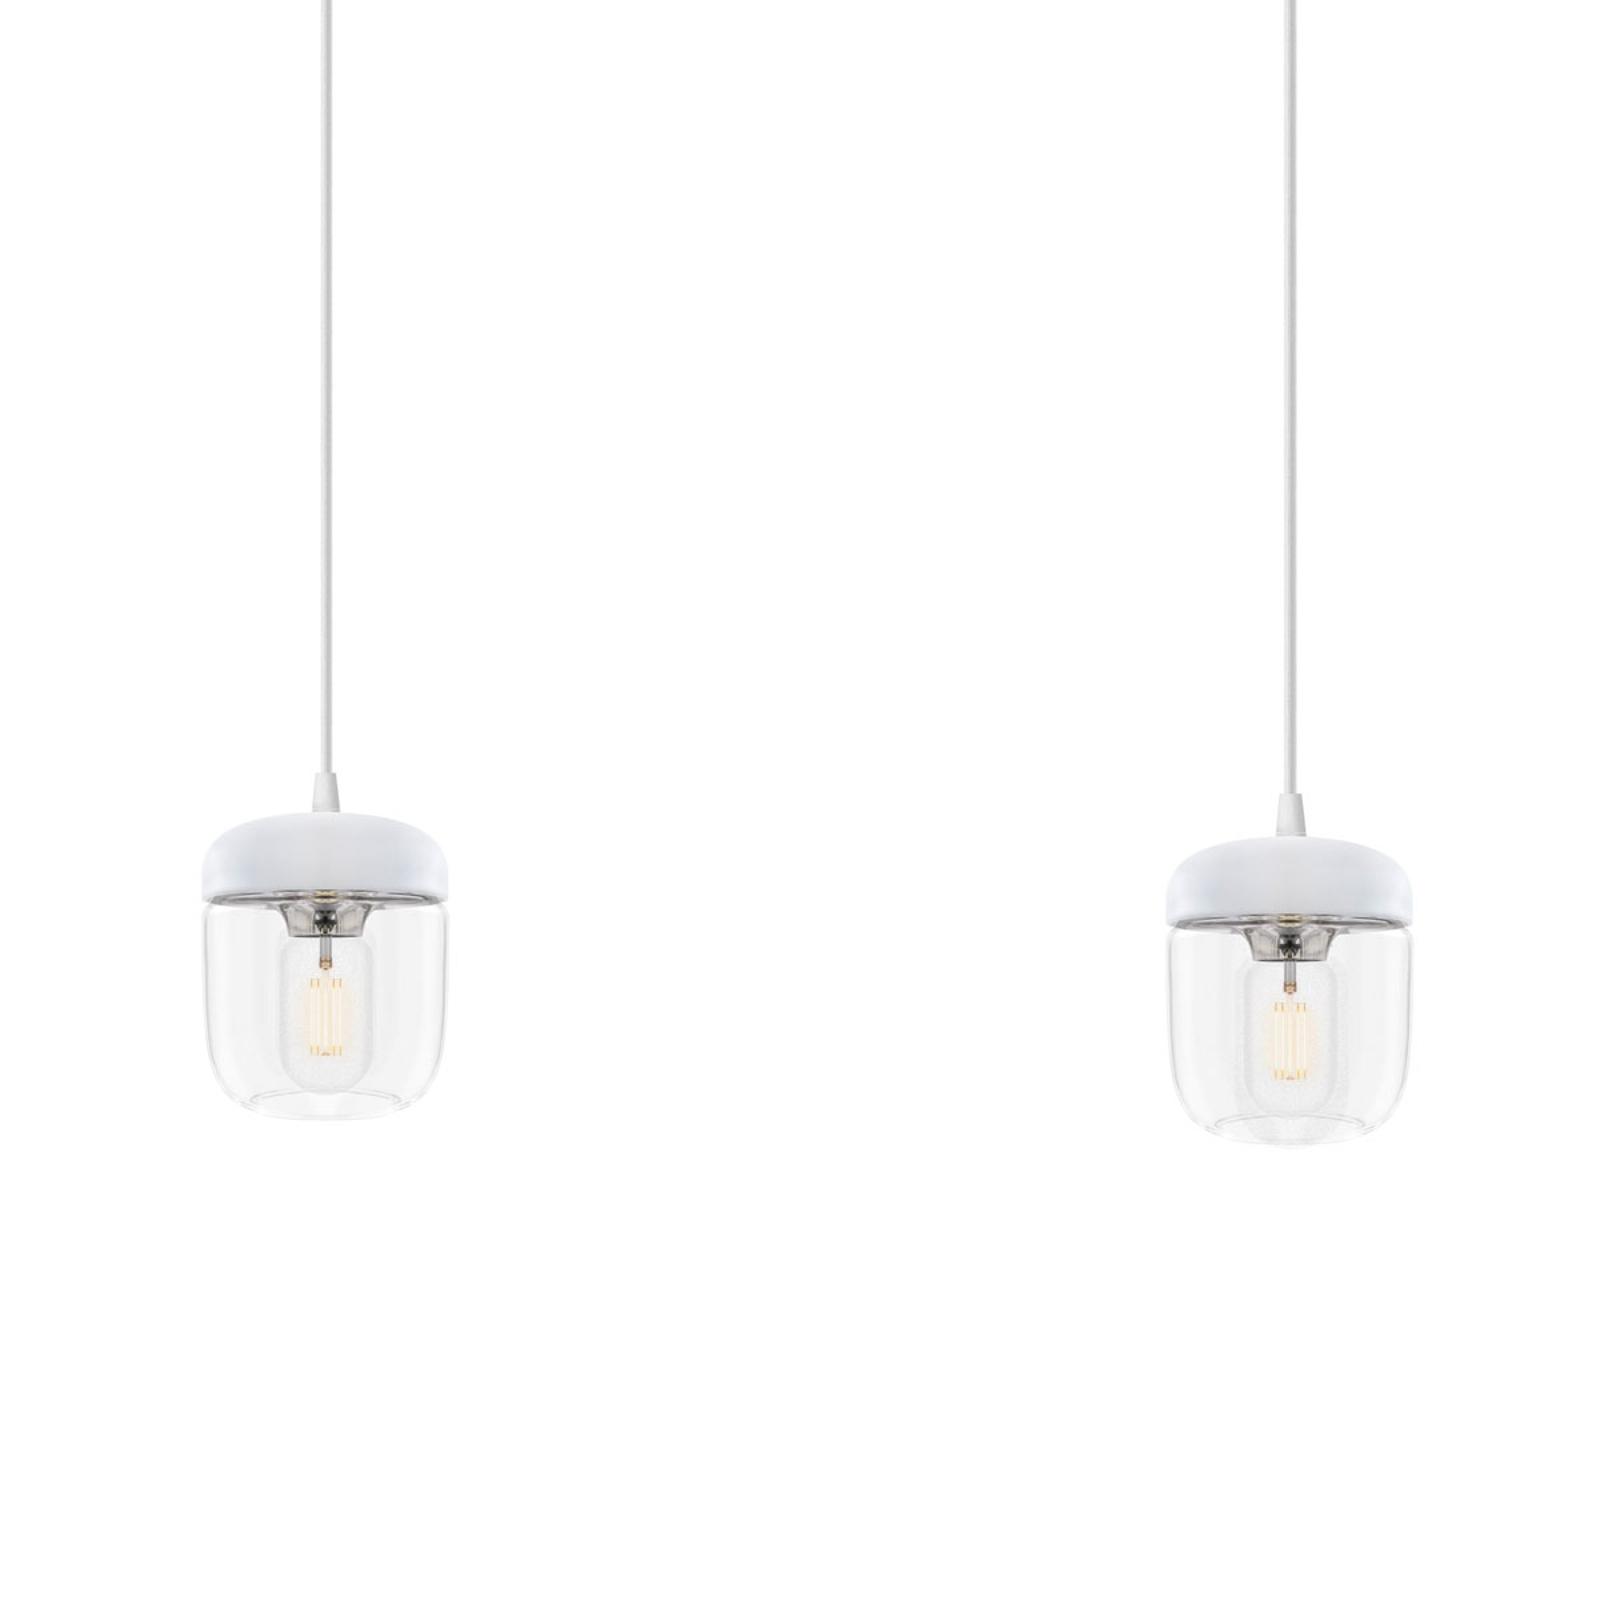 UMAGE Acorn hængelampe, hvid/stål, 2 lyskilder